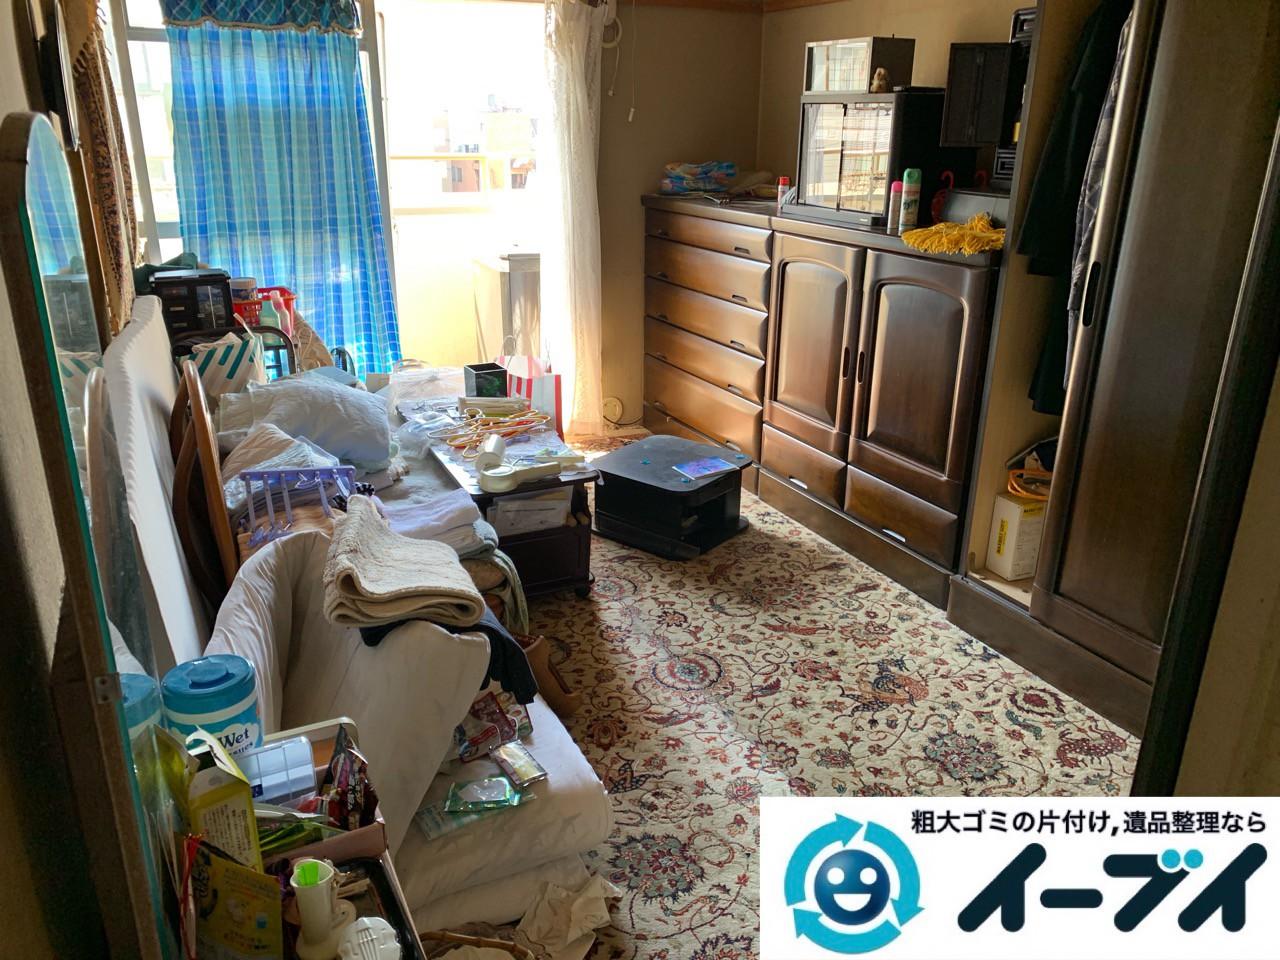 2019年4月20日大阪府枚方市でお部屋の台所の不用品回収作業。1